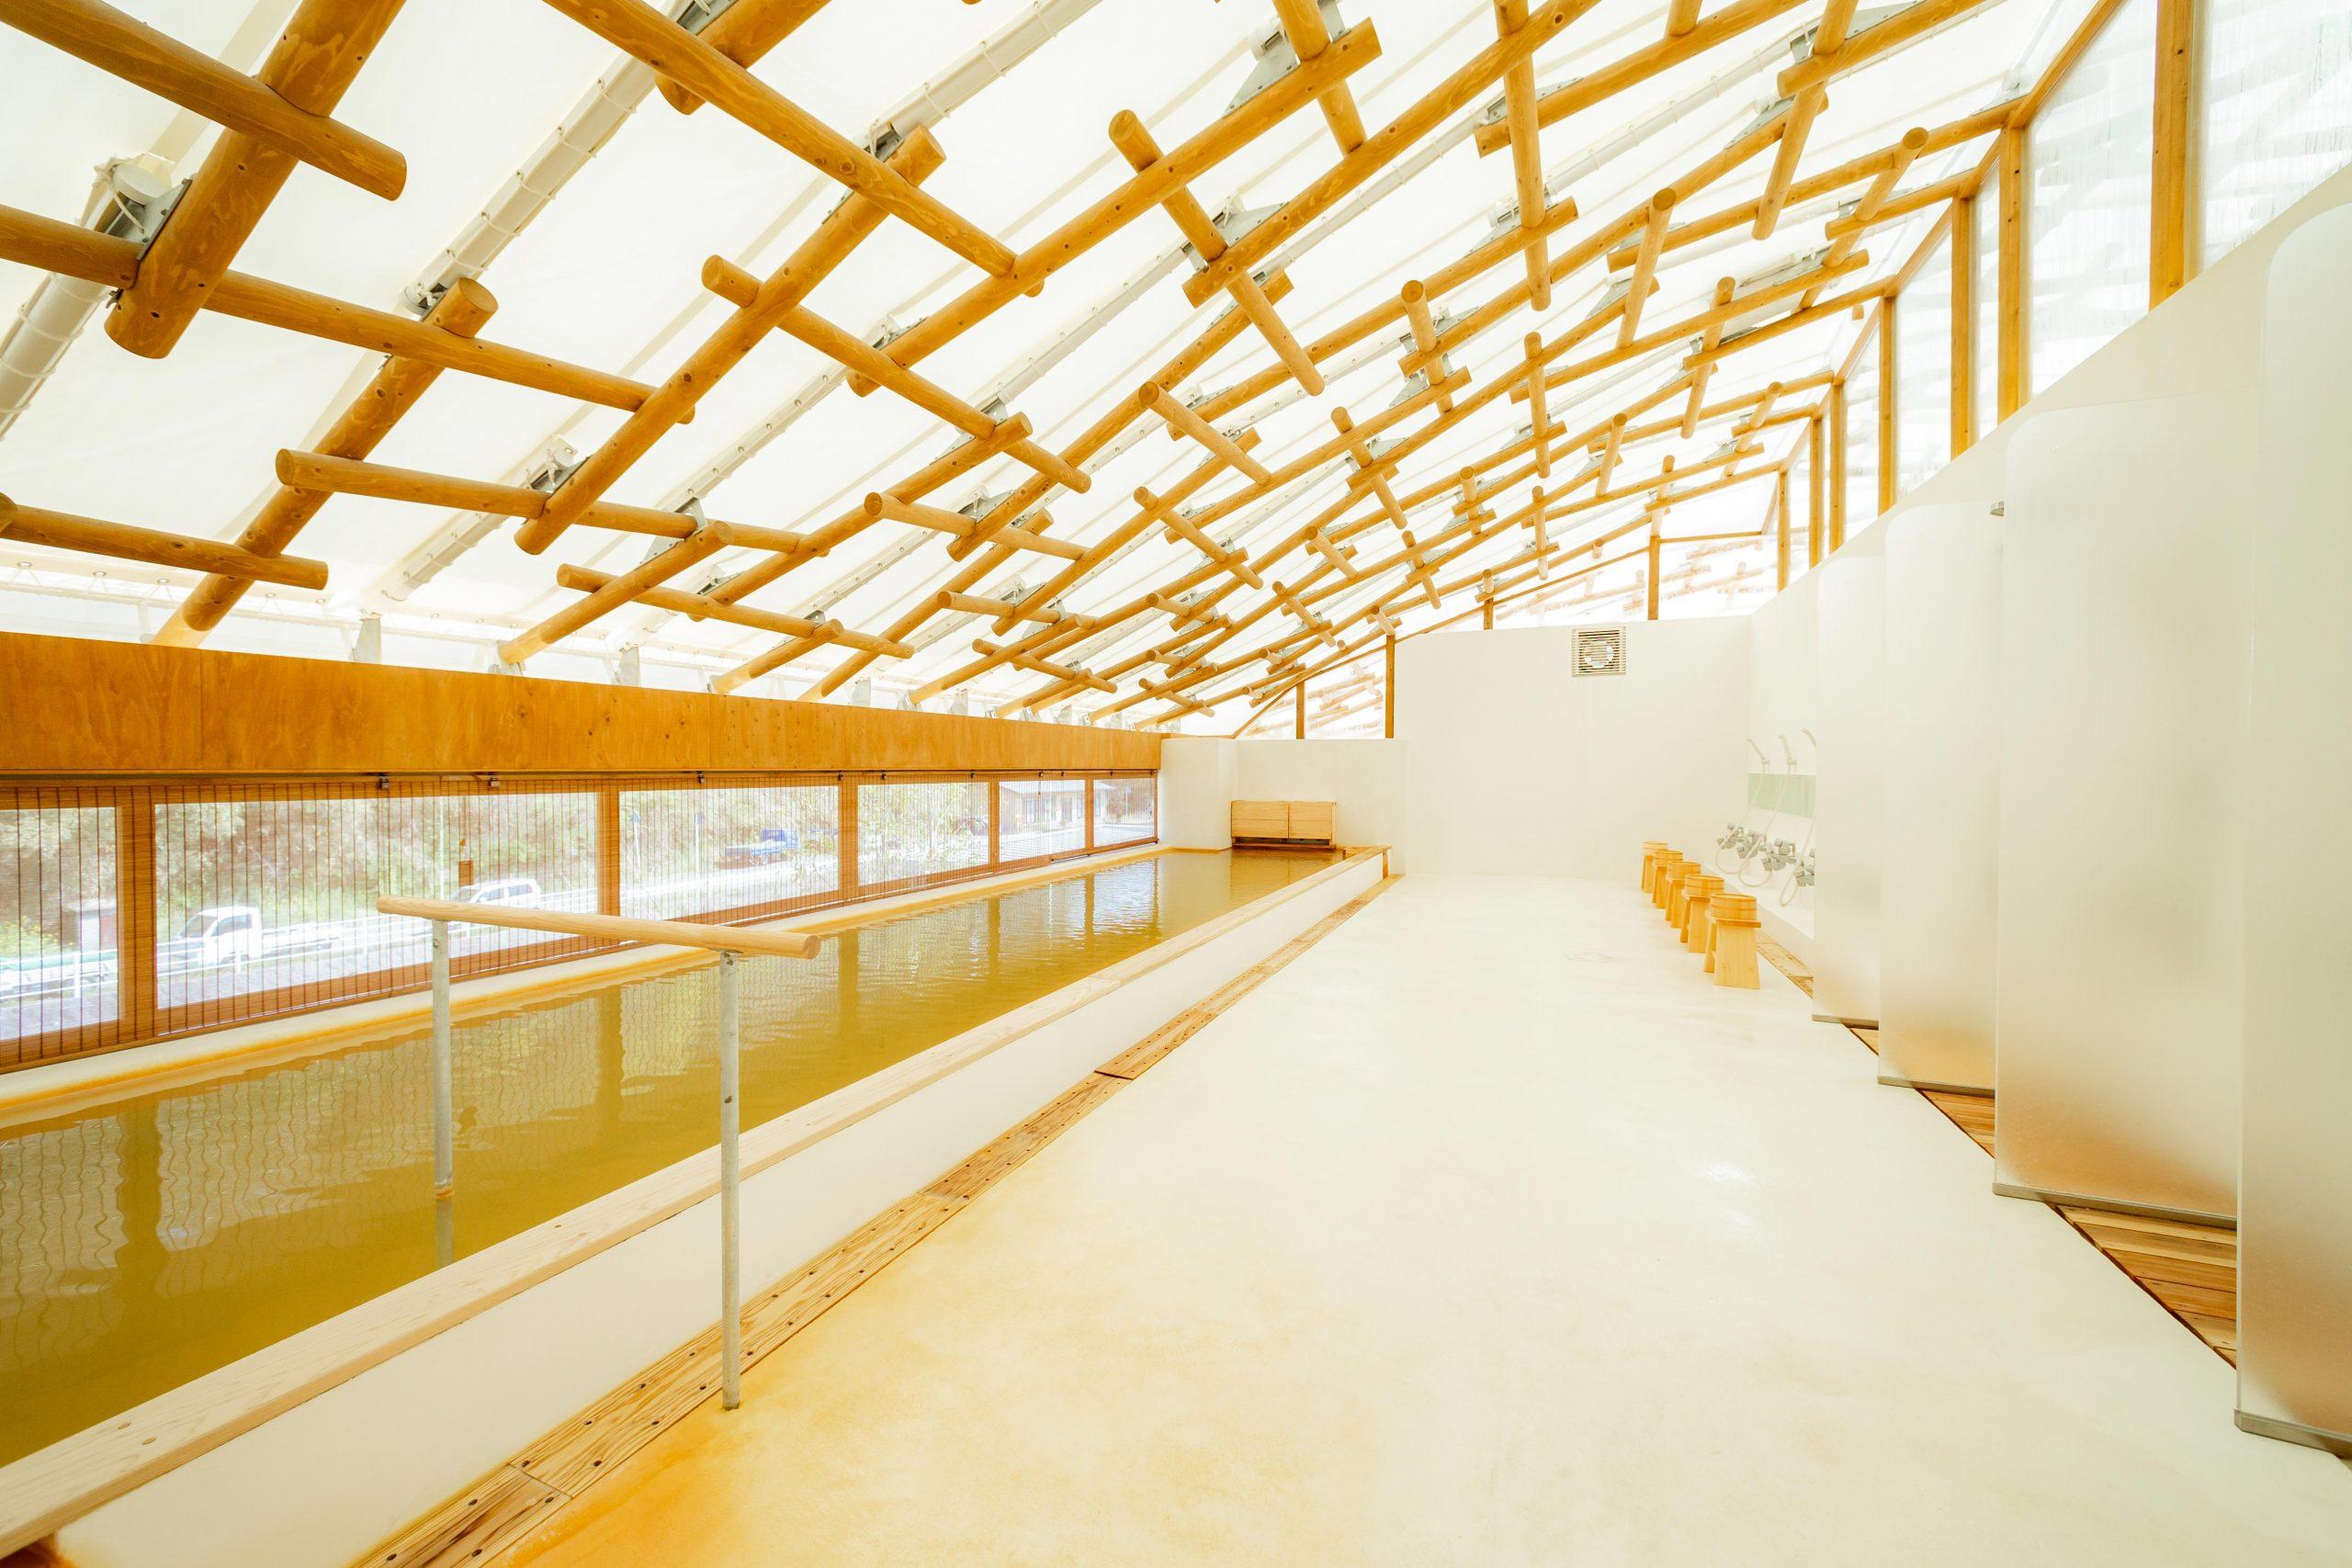 『日本。大分』 Kur Park 長湯(クアパーク長湯)|世界級建築大師坂茂設計  複合型的溫泉療養設施結合日本濃度最高的長湯溫泉碳酸泉、餐廳及住宿,是創造健康跟療癒身心的好地方。